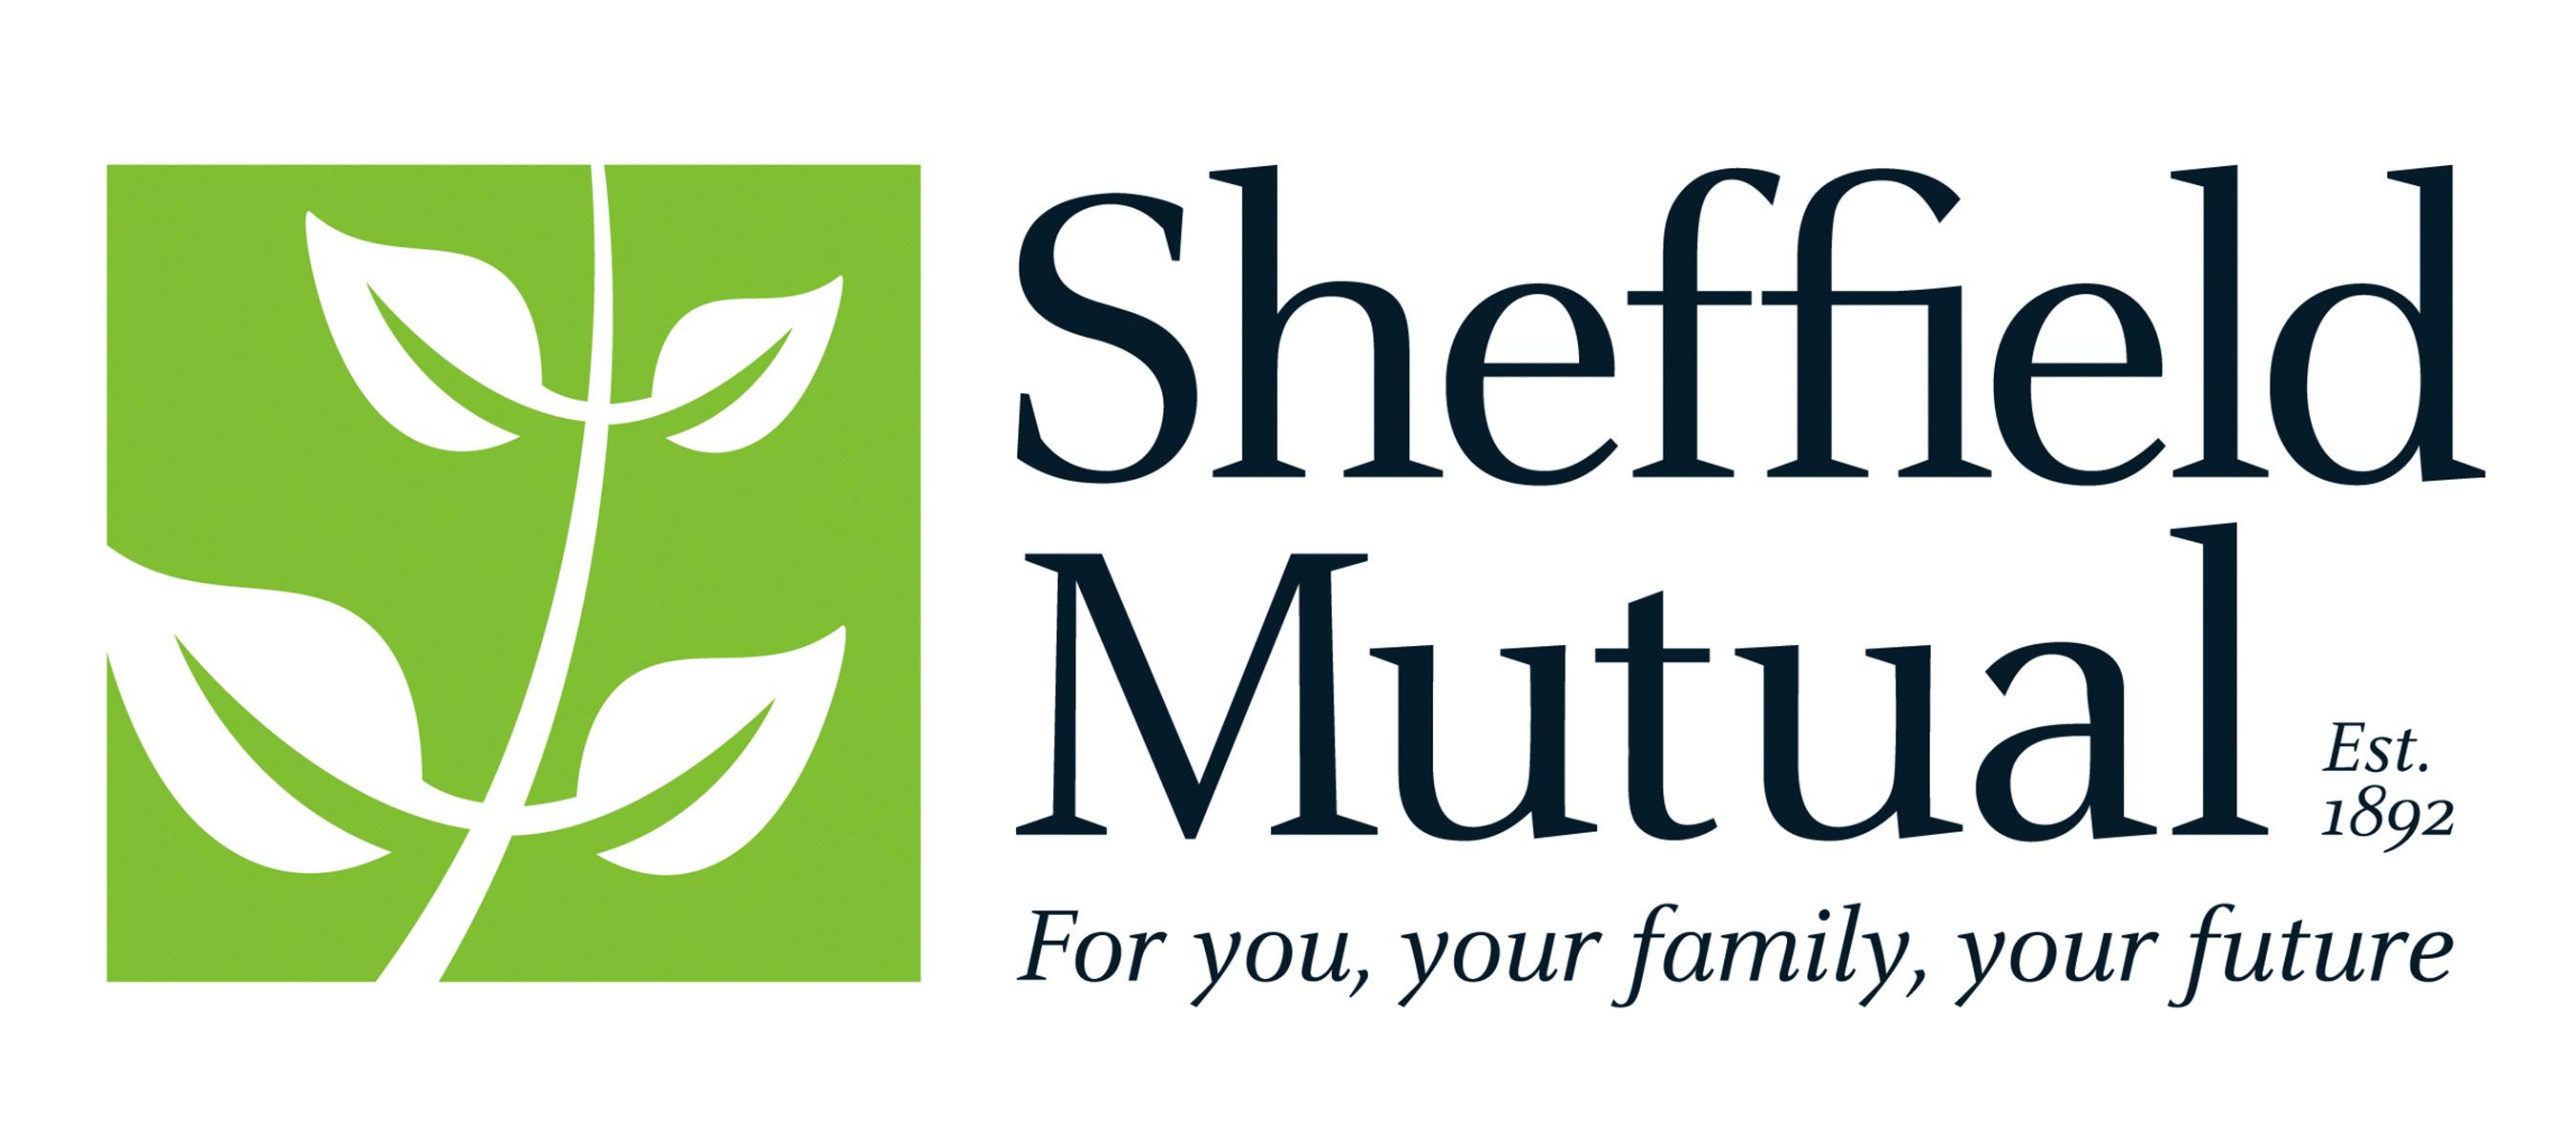 SheffMutual